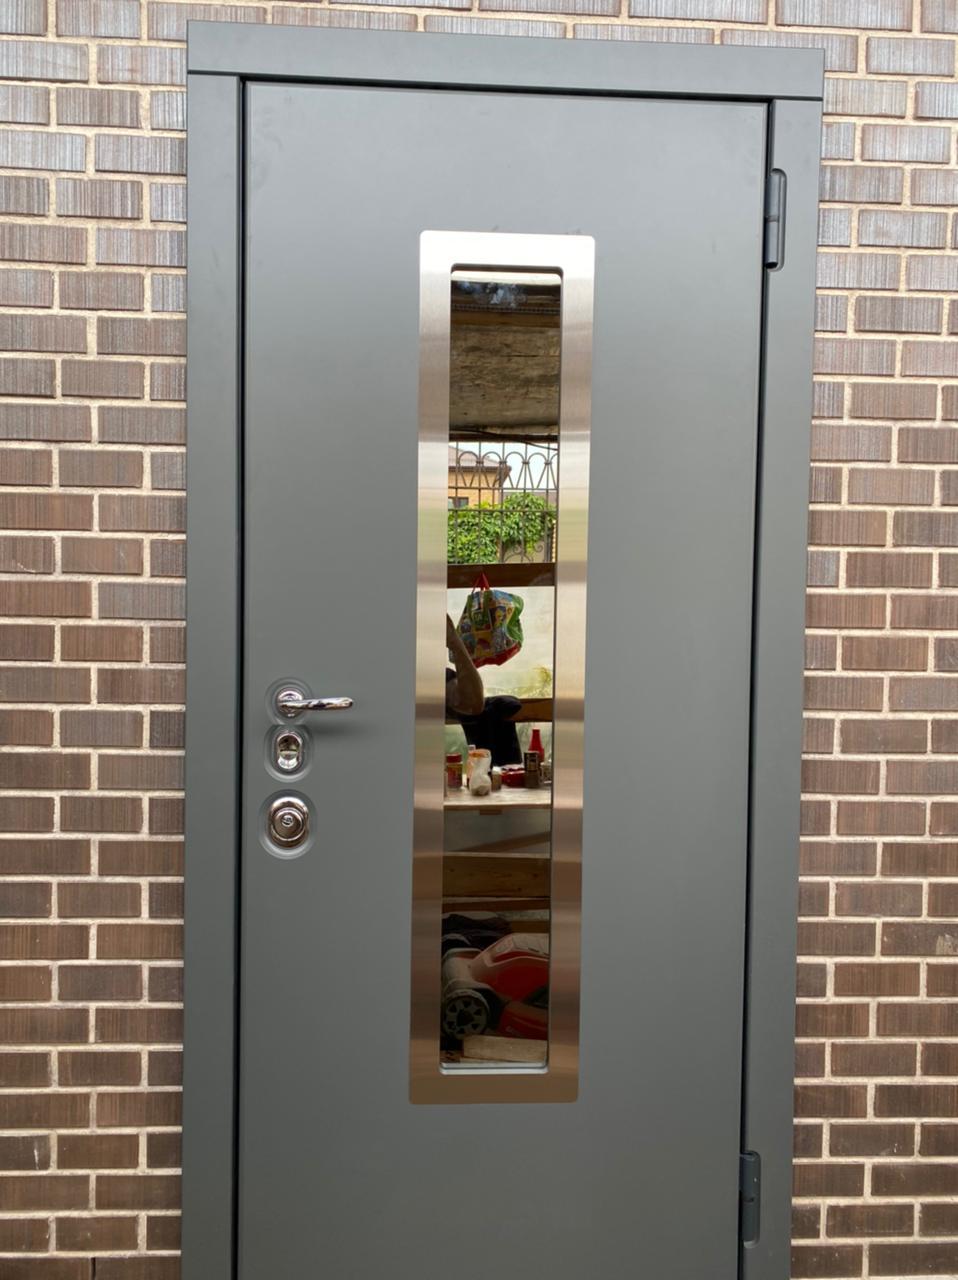 стальная линия бремен steellak серый графит ral 7043 рисунок О-С окно С стеклопакет зеркально-тонированный рамка из нержавеющей стали